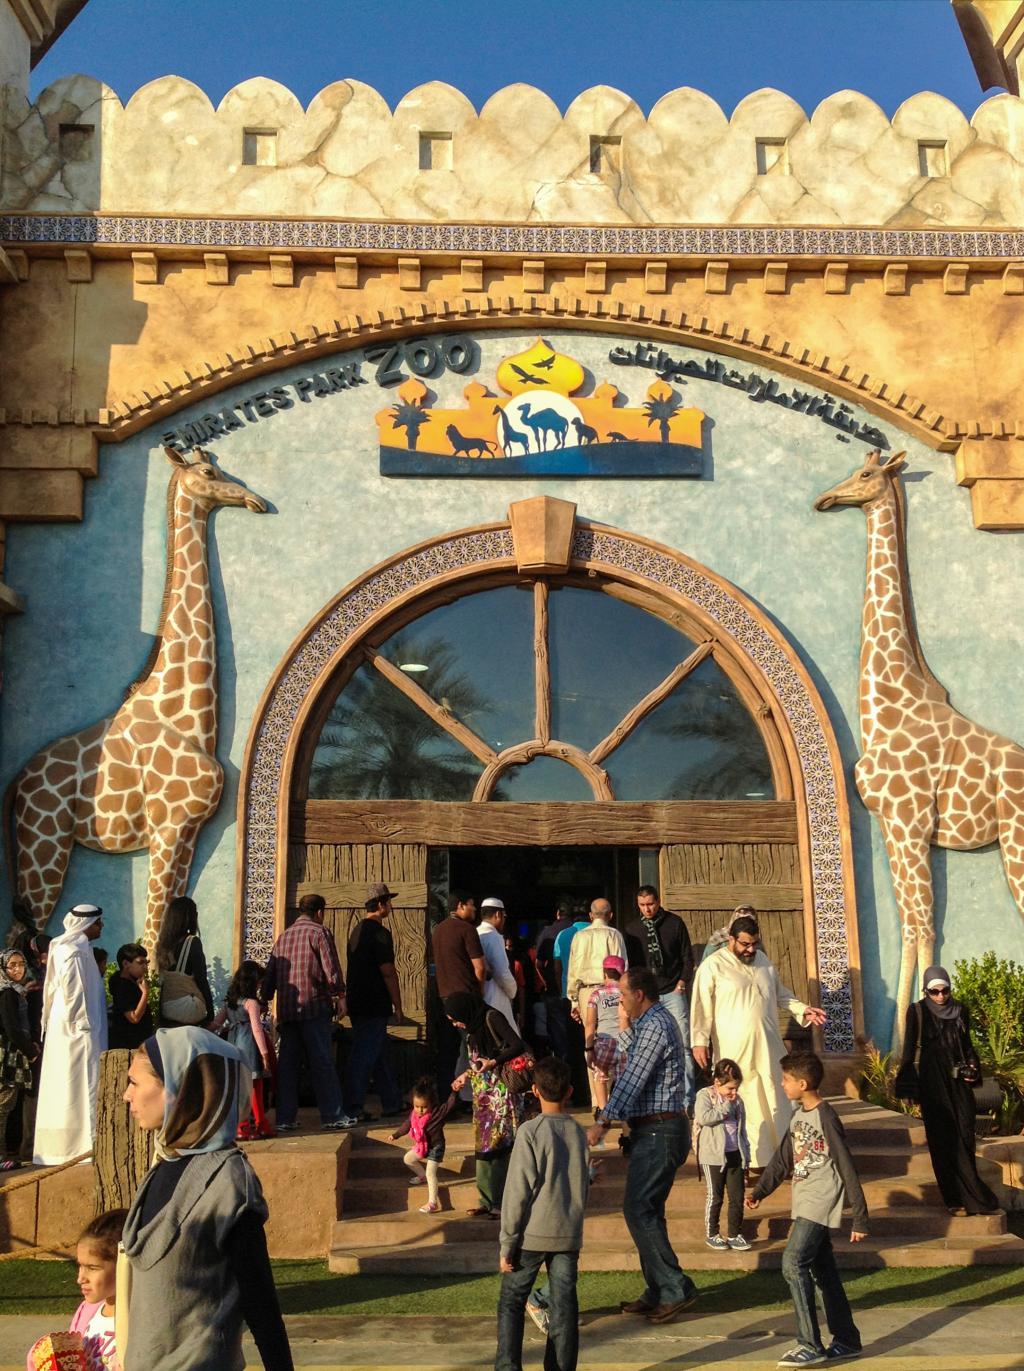 Der Eingang zum Emirates Park Zoo